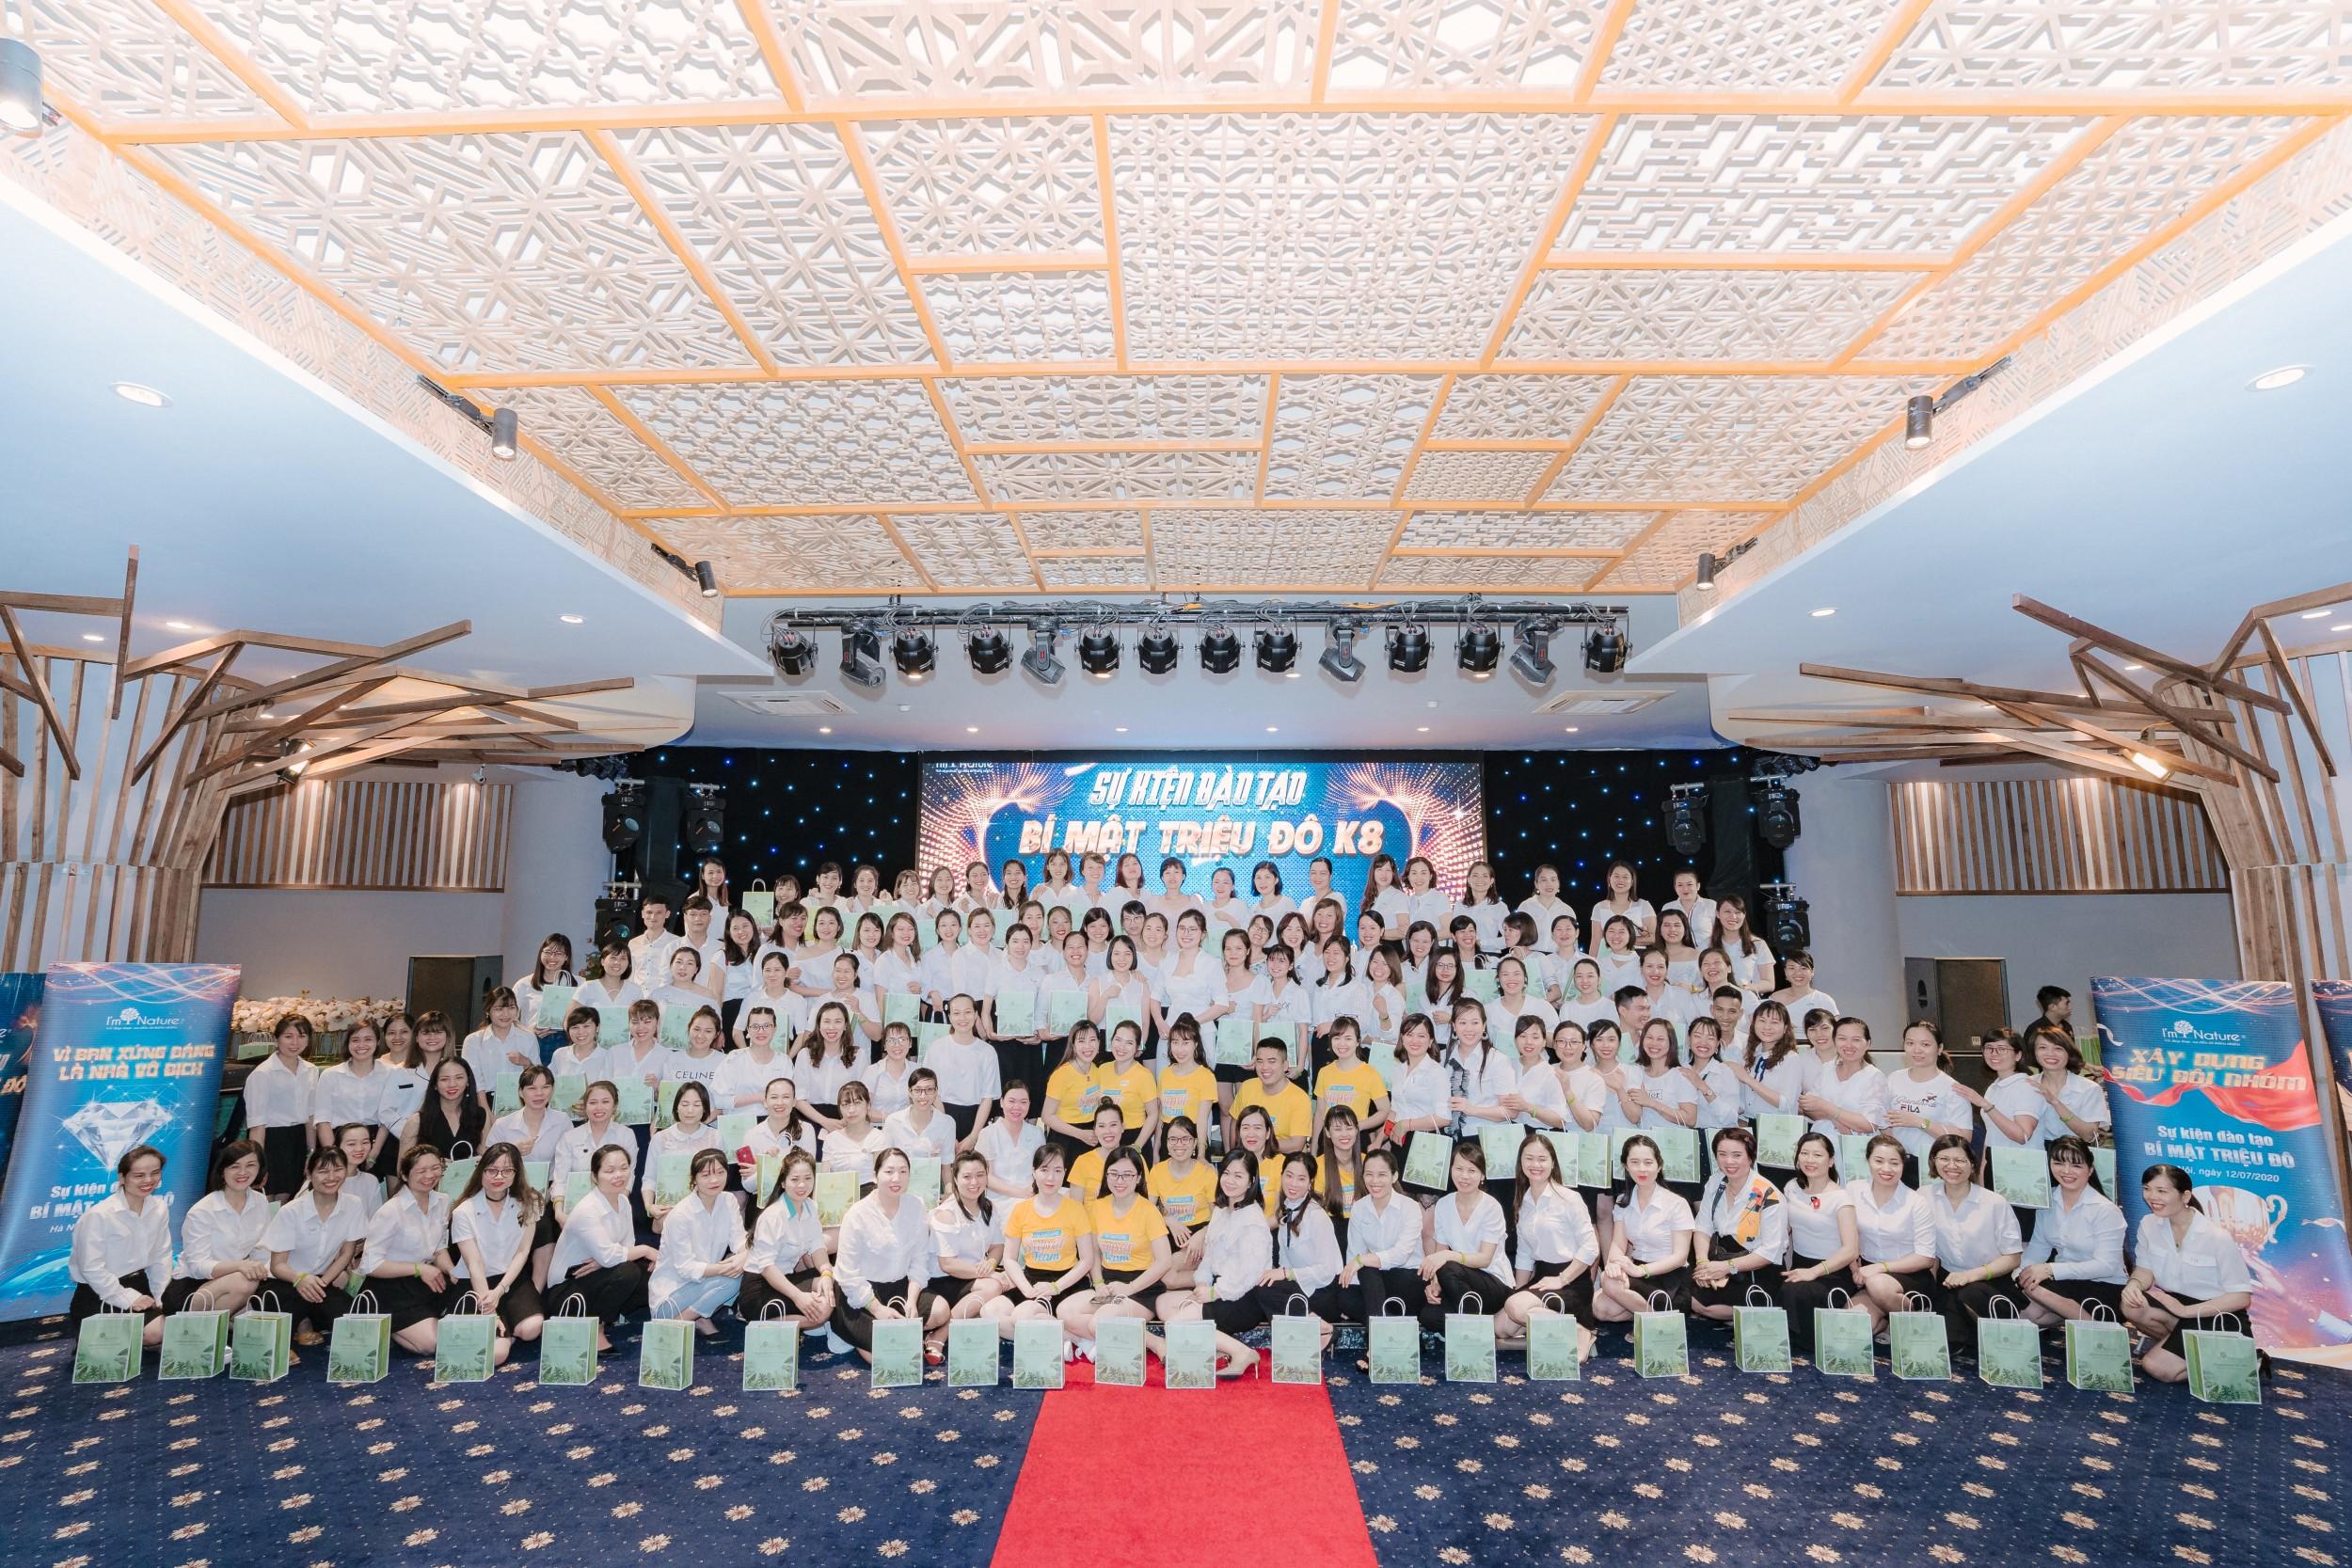 Tổ chức sự kiện hội nghị khách hàng 1